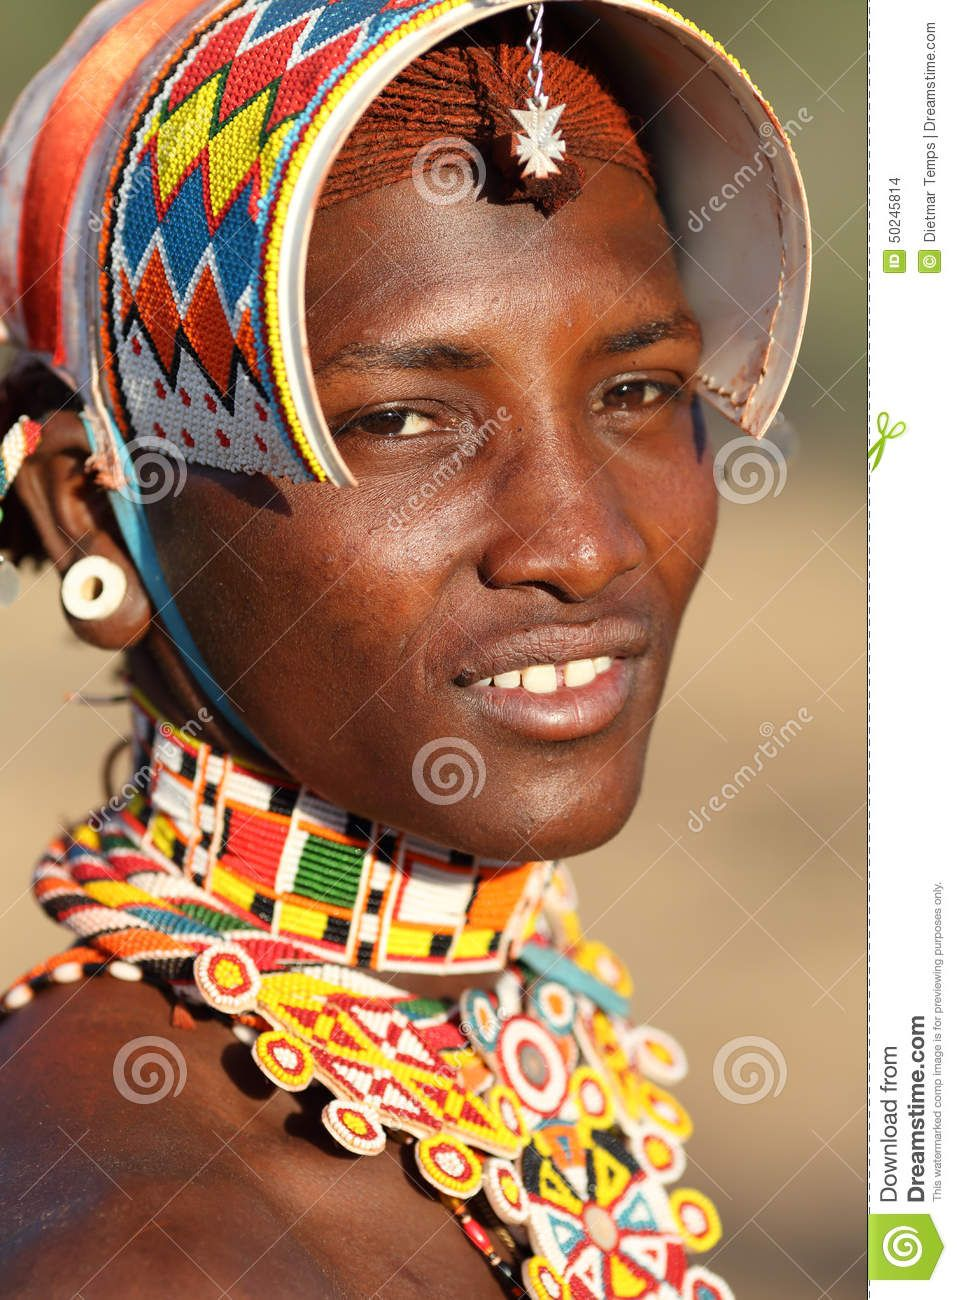 aodrnos tipicos de la mujer africana - Buscar con Google